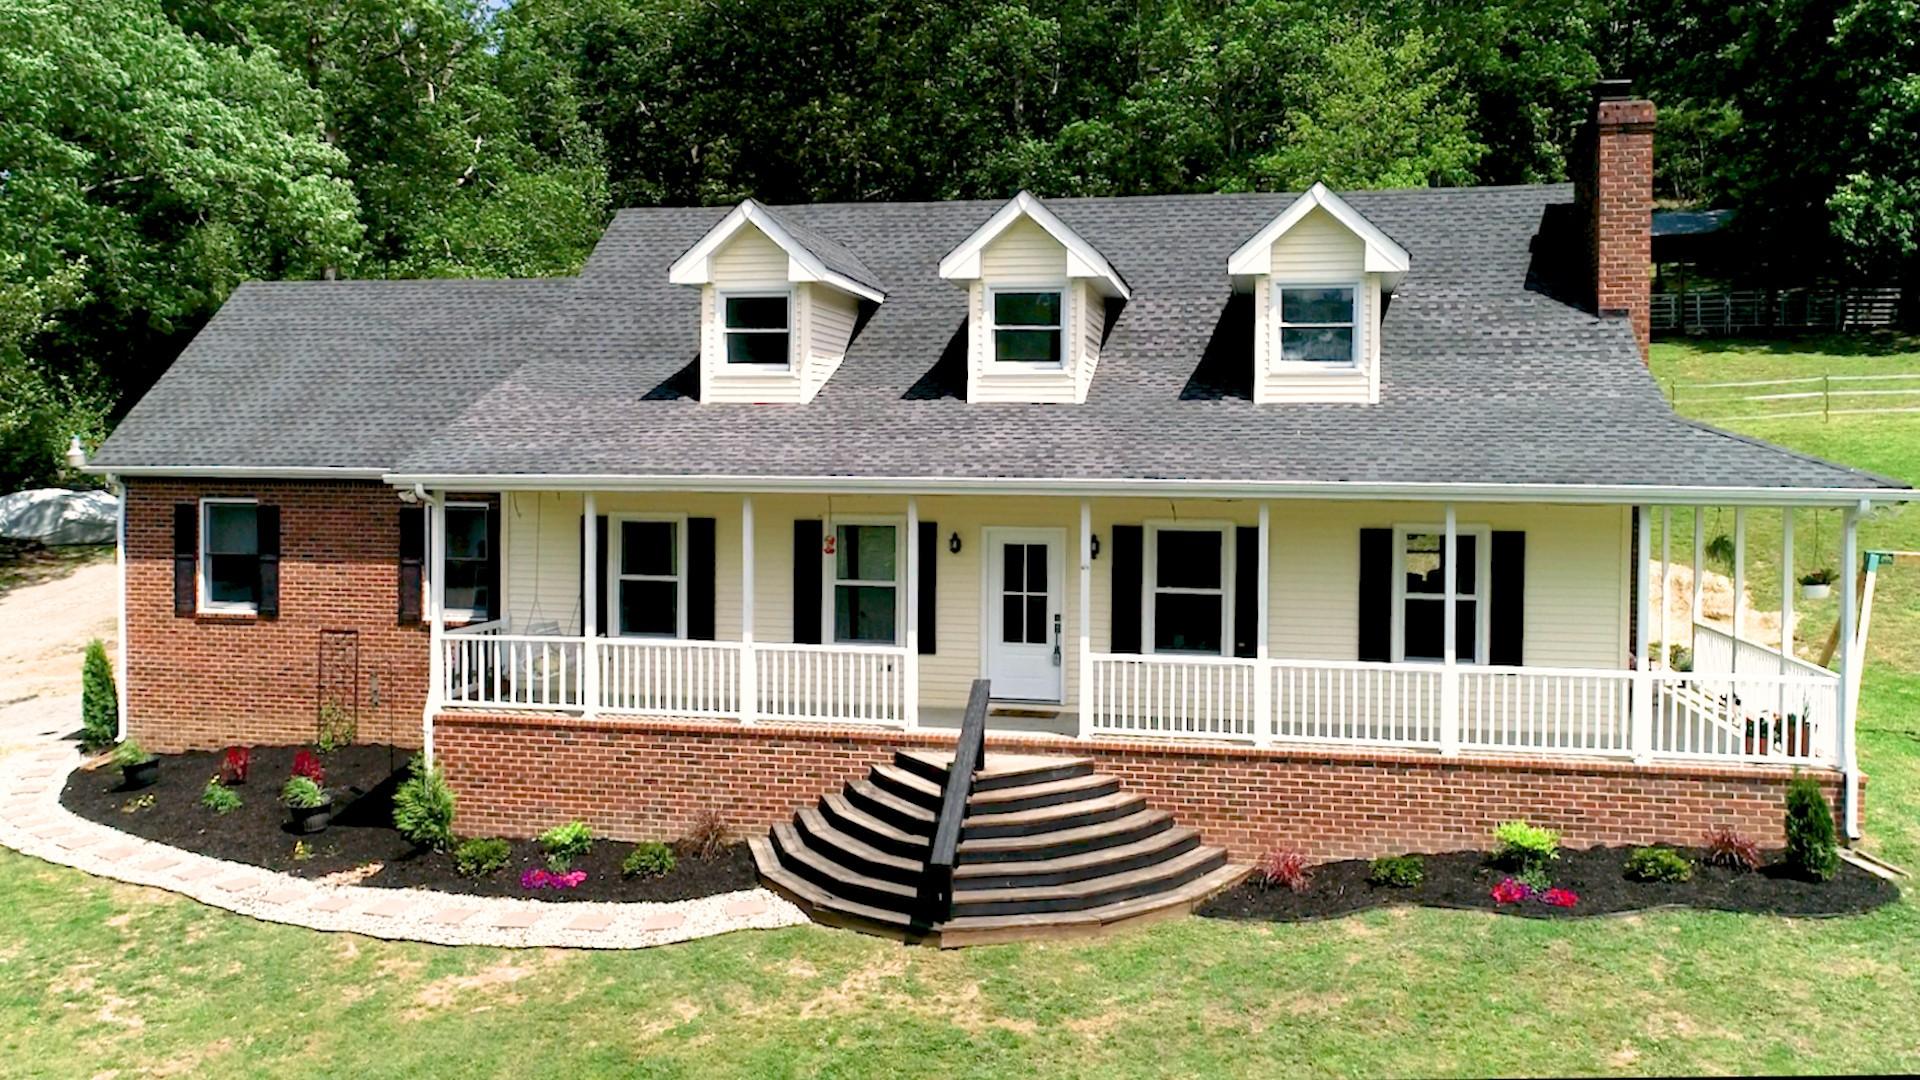 1625 Shell Rd, Goodlettsville, TN 37072 - Goodlettsville, TN real estate listing